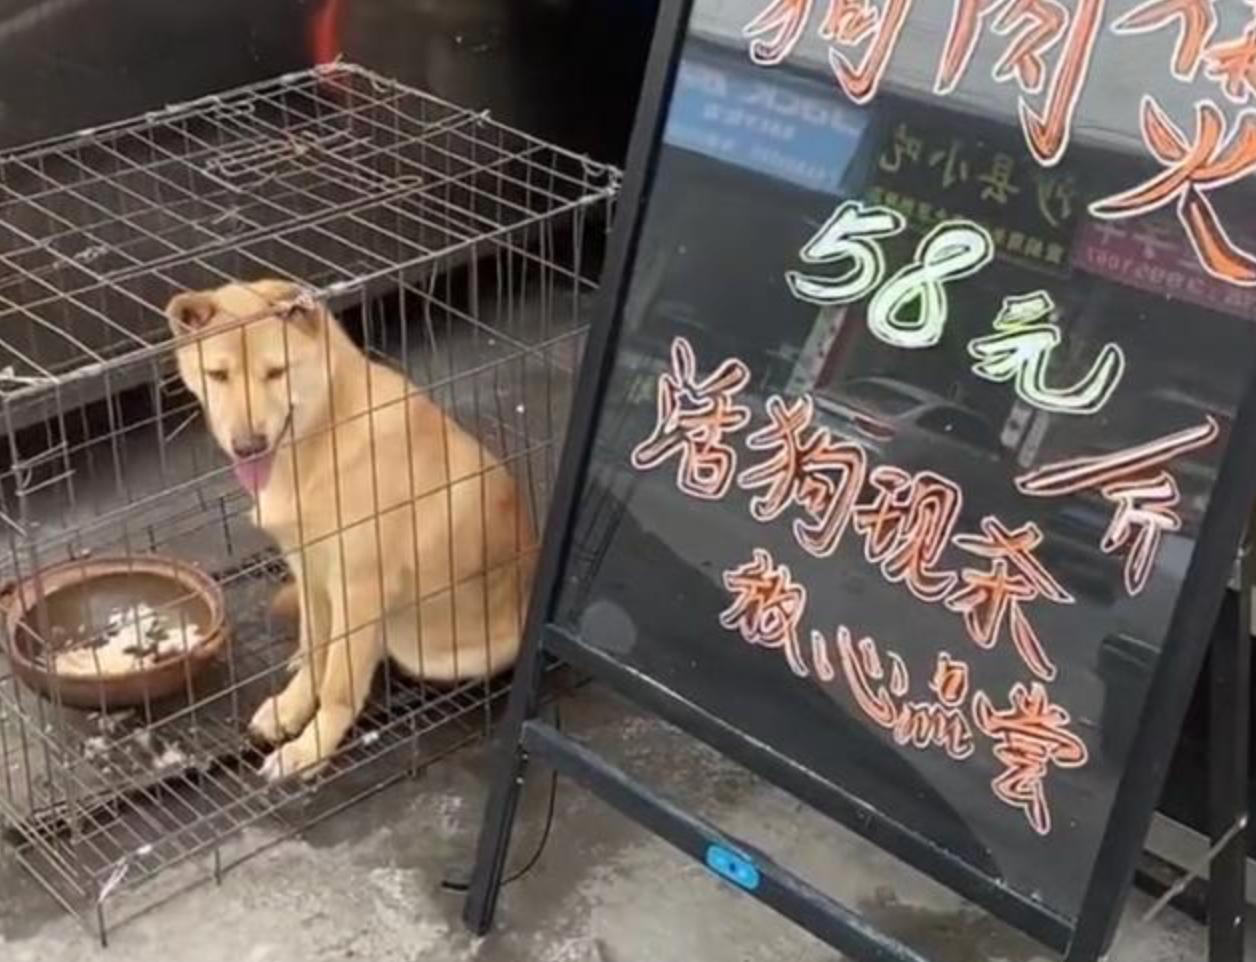 狗肉店门口的笼子里关着大黄狗,眼神里充满恐惧:能不能救救我?